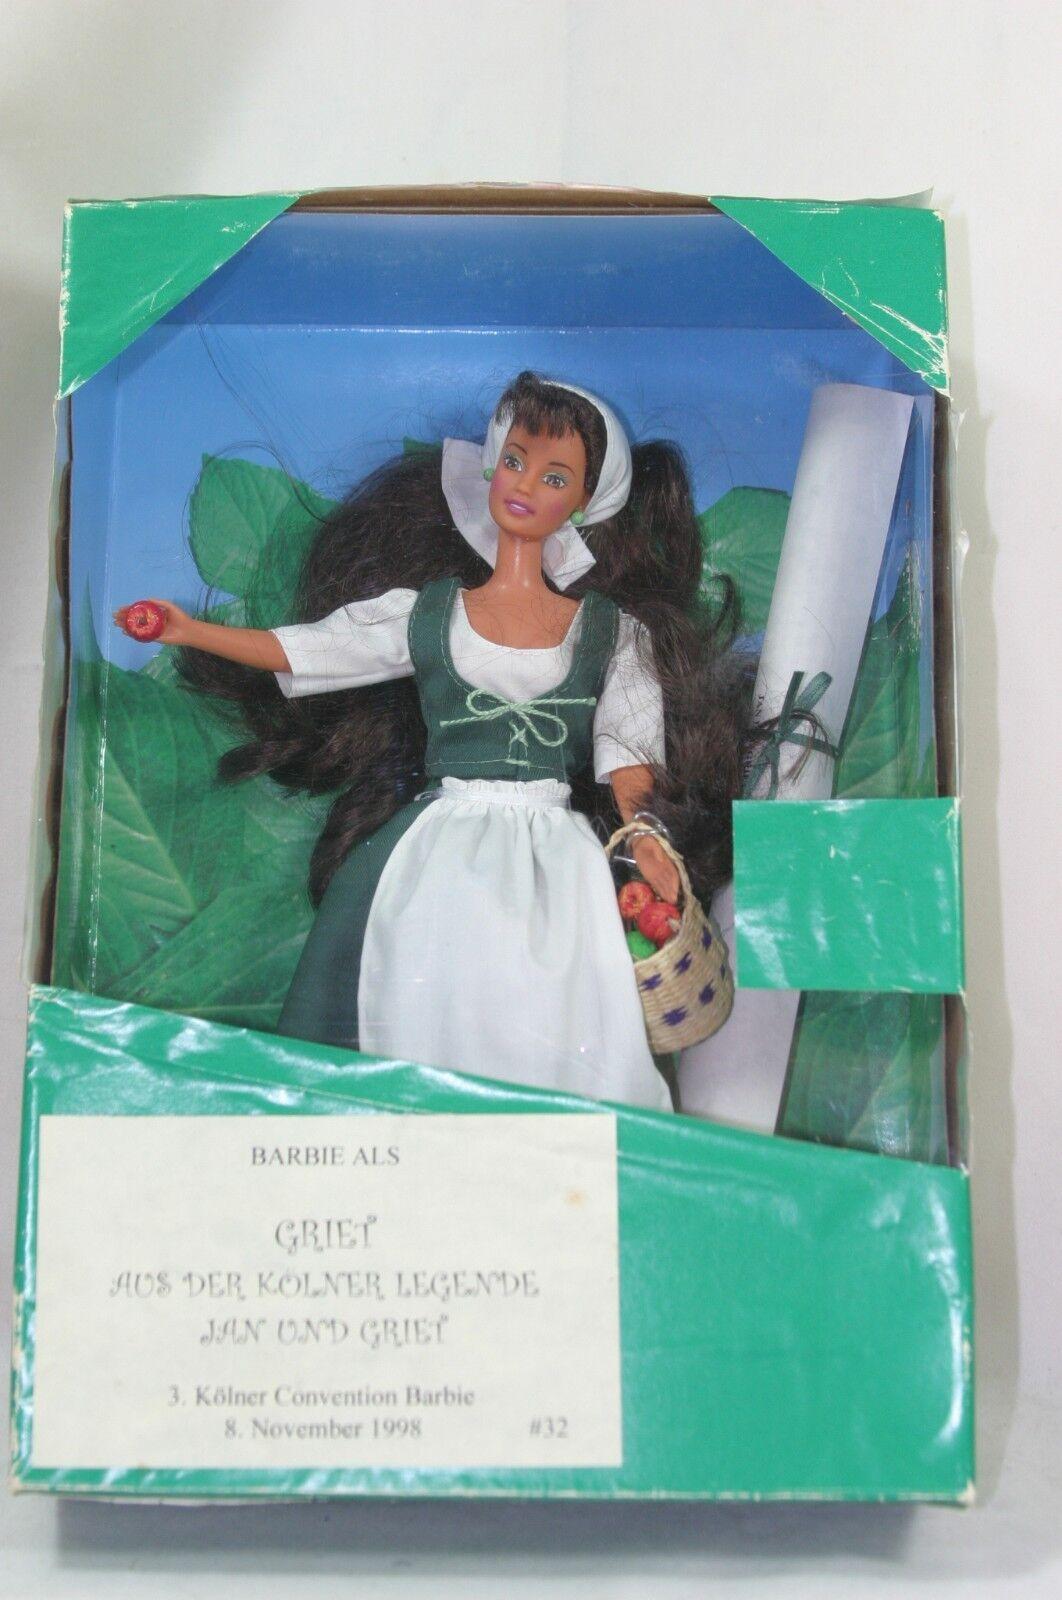 Muñeca Barbie convención Kolner colonia 1998 Alemania Hansel y Gretel nunca quitado de la Caja (2)